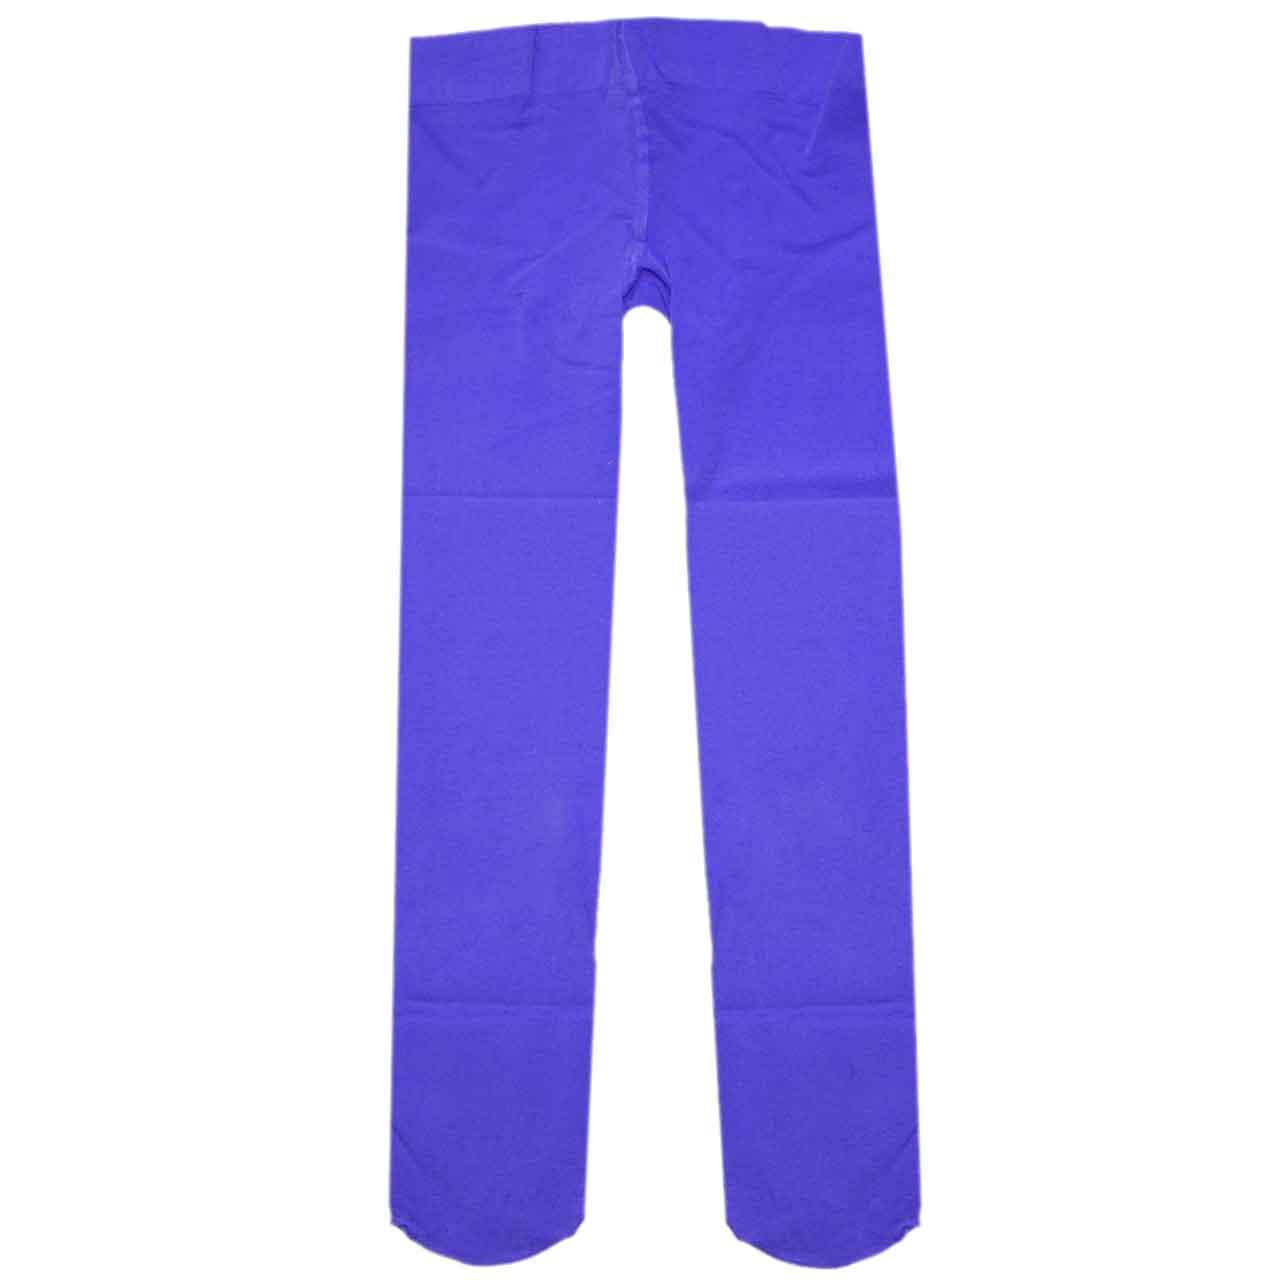 جوراب شلواری دخترانه کد T-27